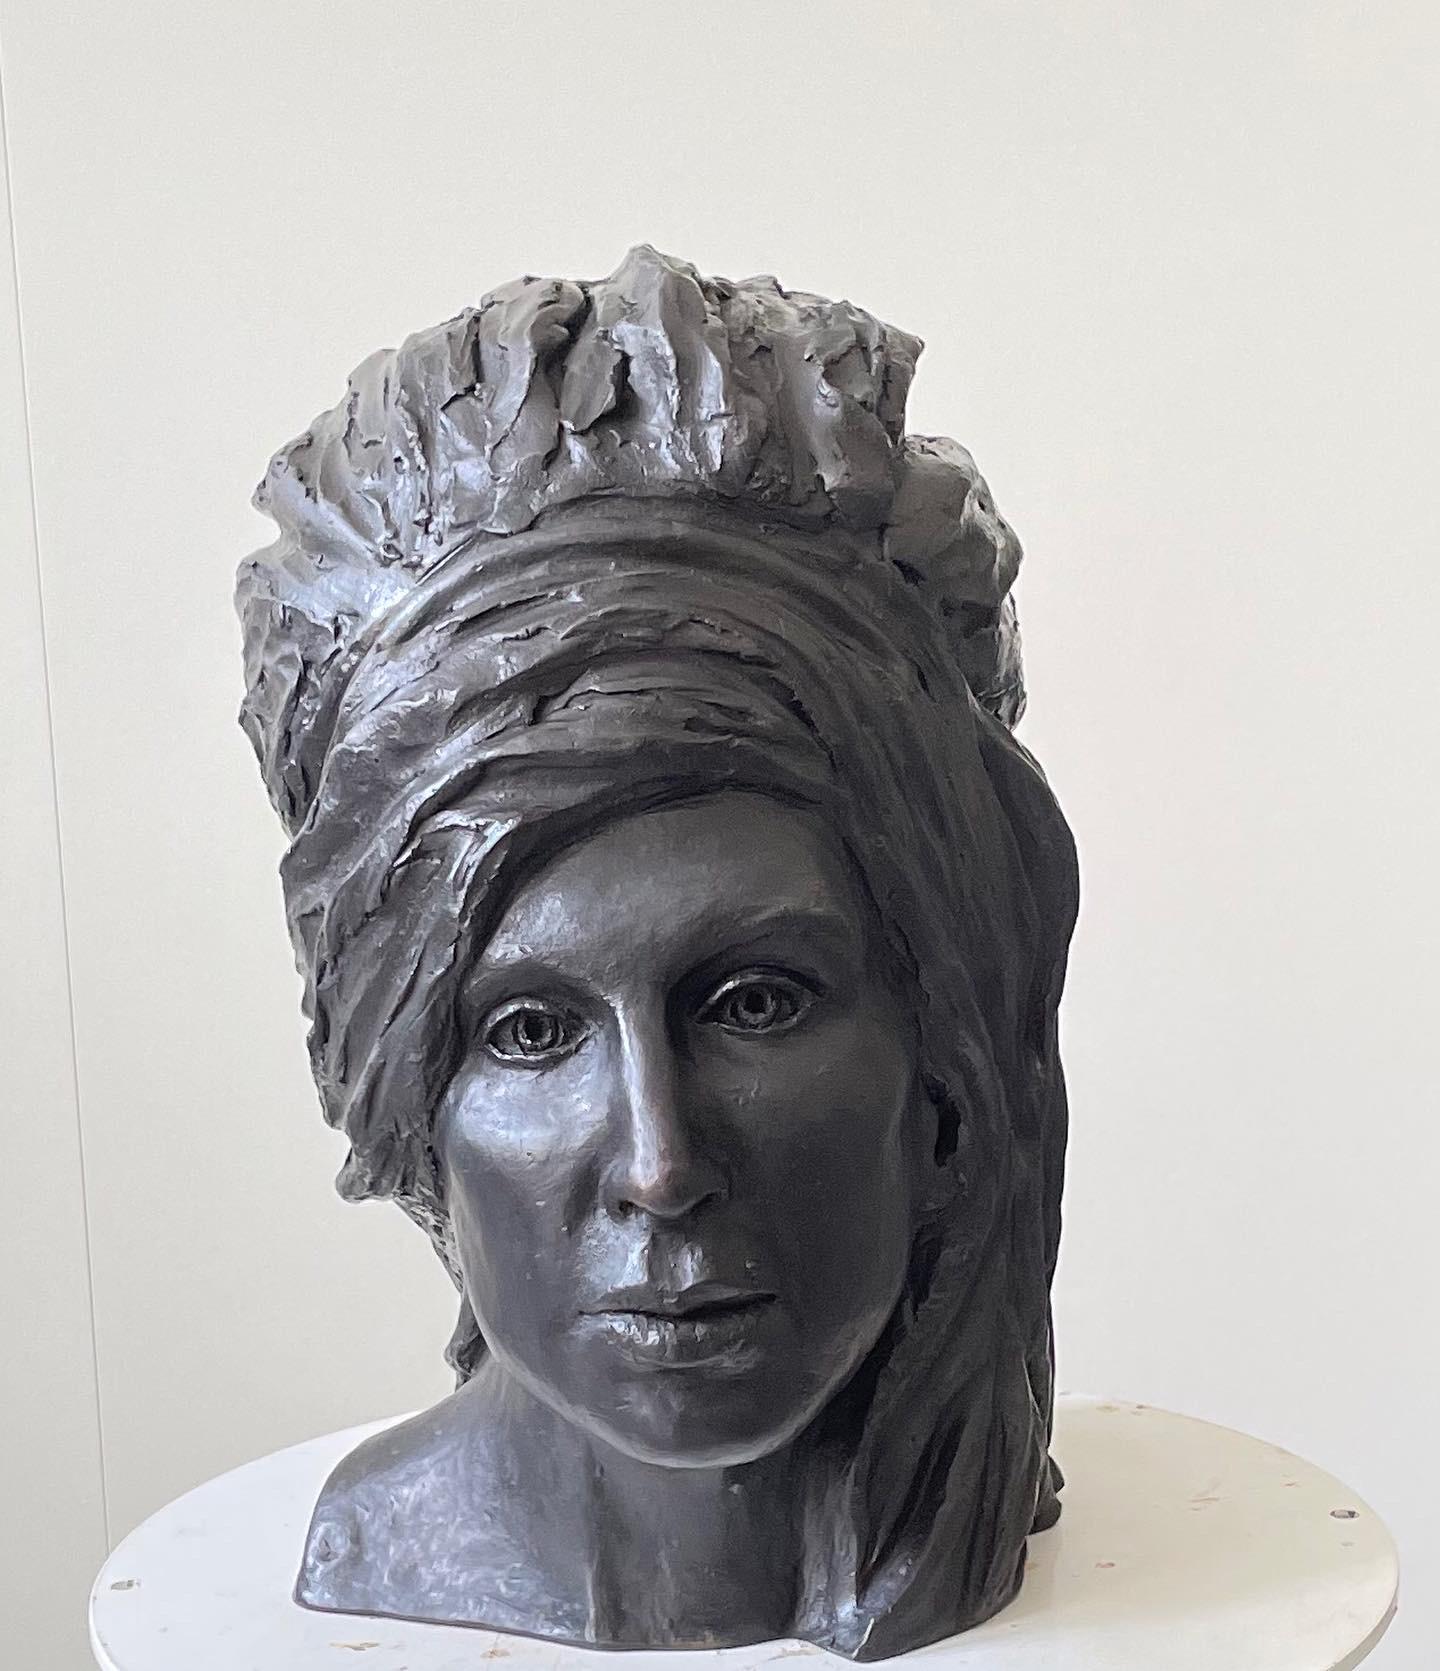 Astrid Keijser